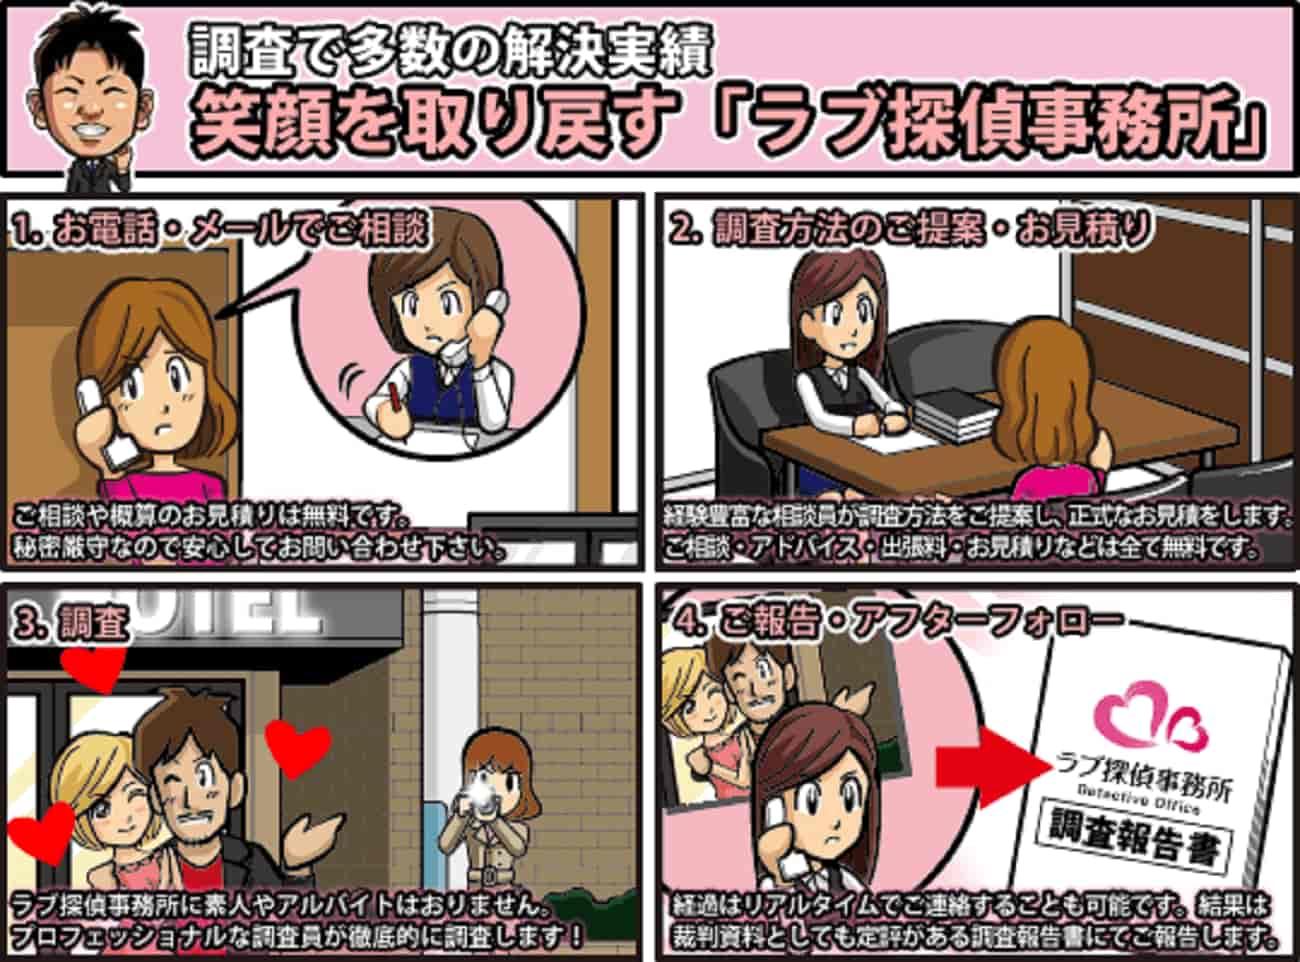 ラブ探偵事務所は千葉県富津市の相談お見積り無料